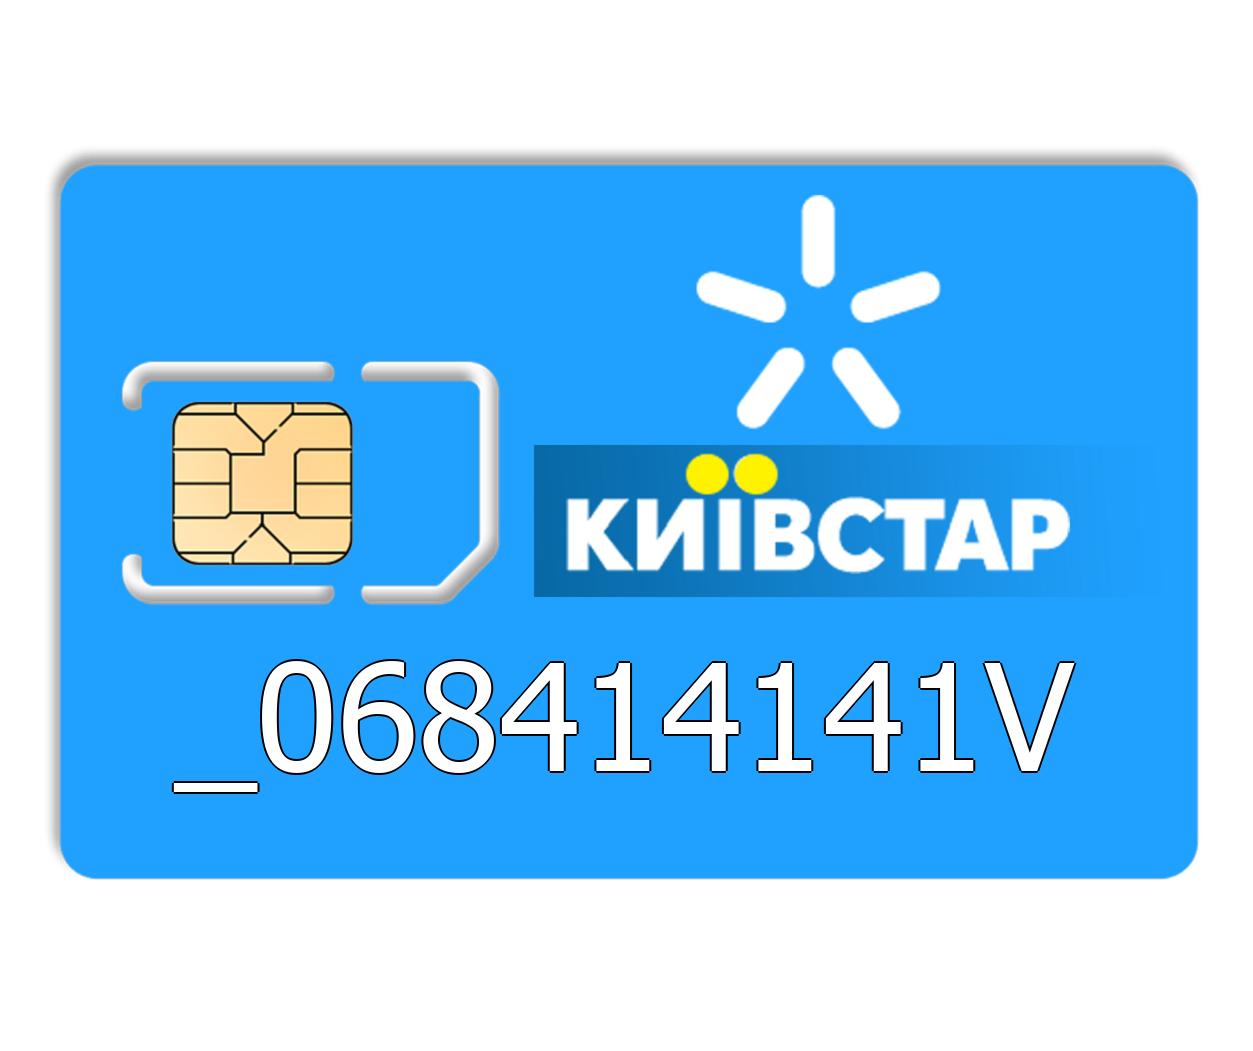 Красивый номер Киевстар 068414141V